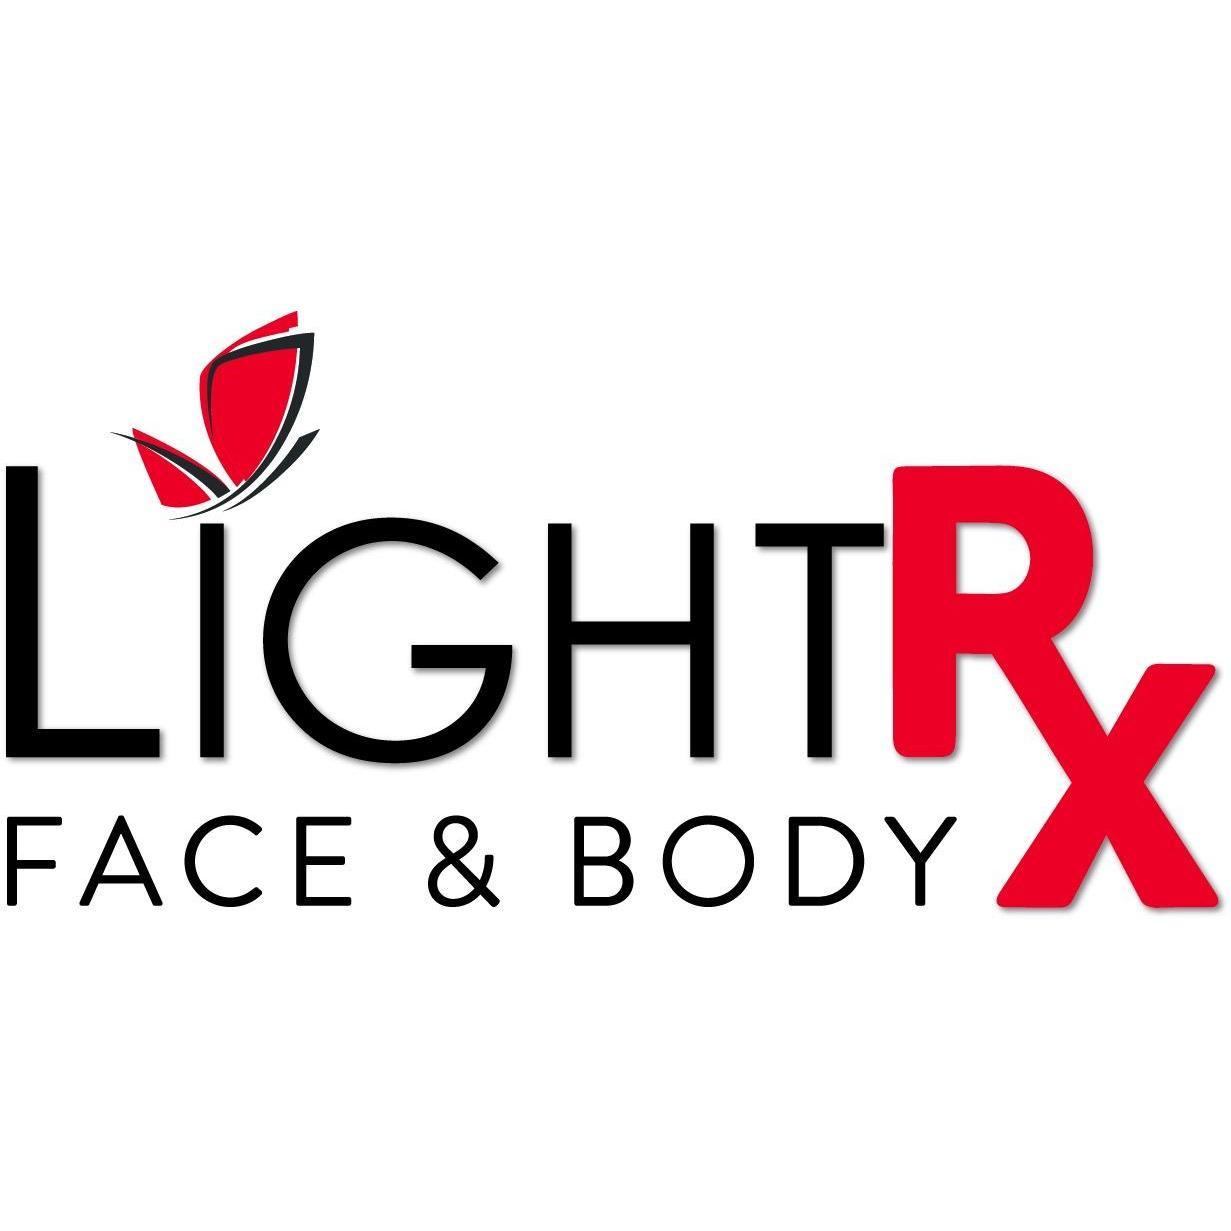 LightRx - Hoffman Estates